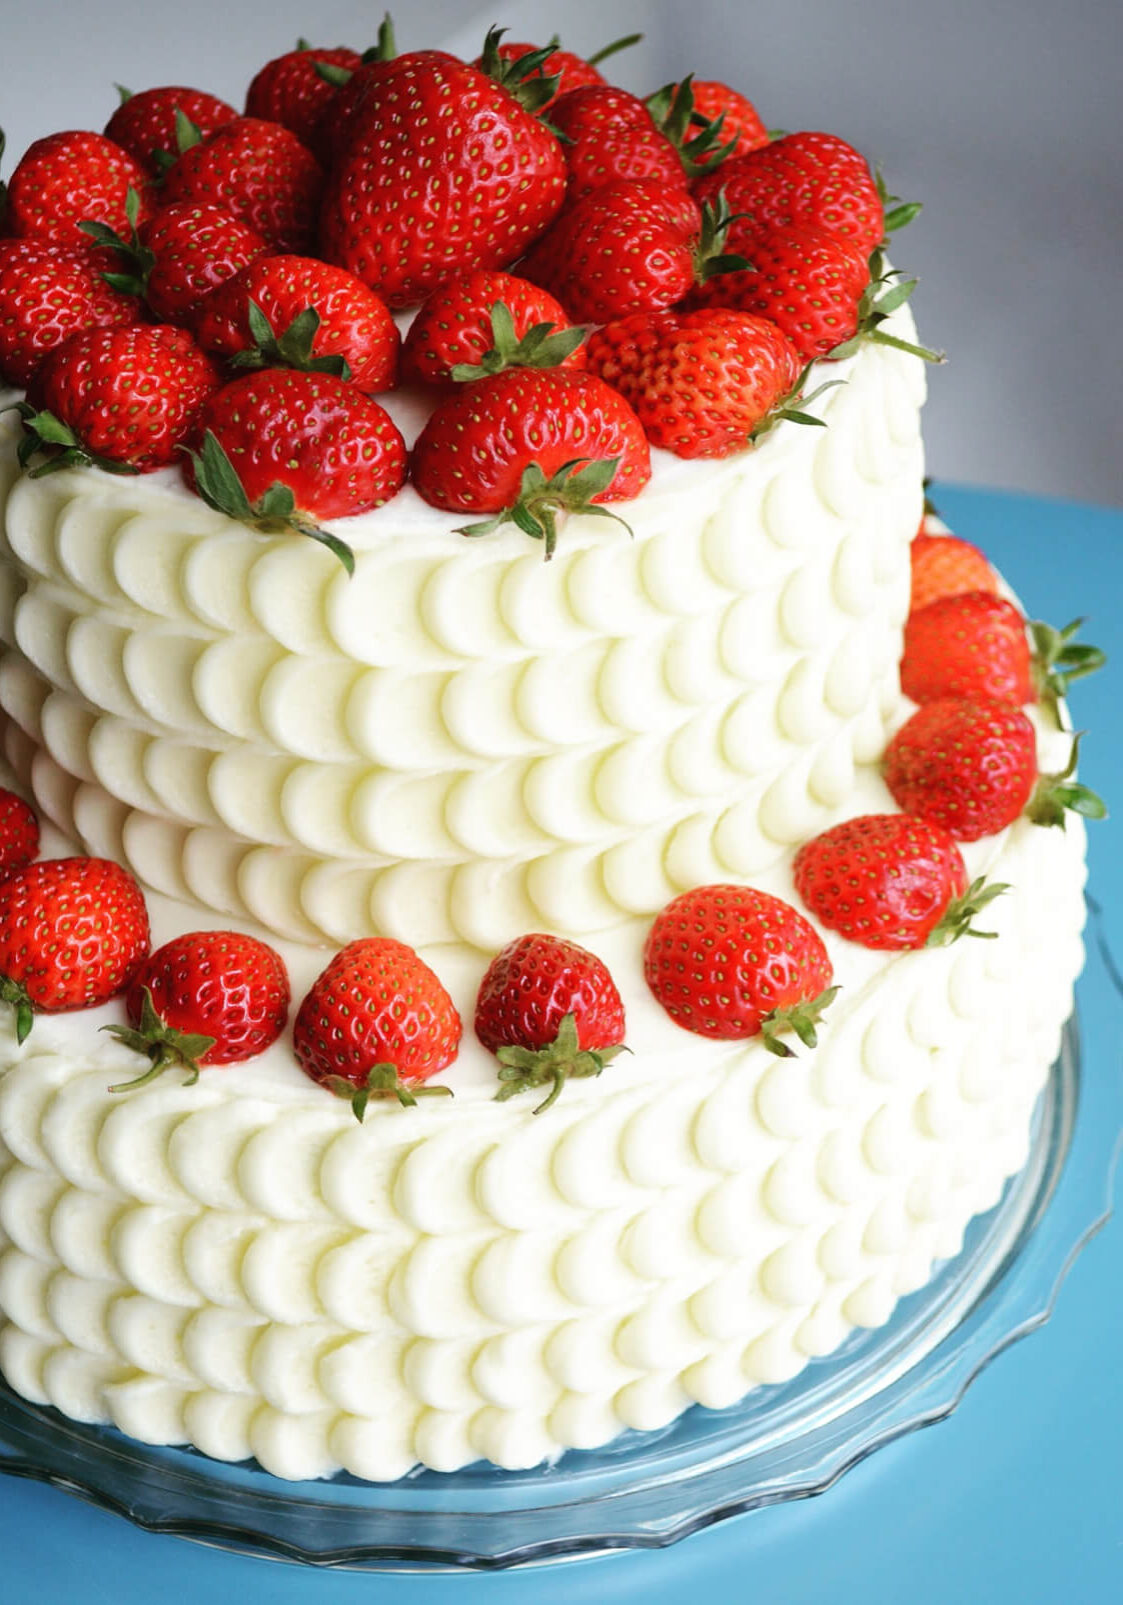 Kage pyntet med bær og dekoreret med buttercream